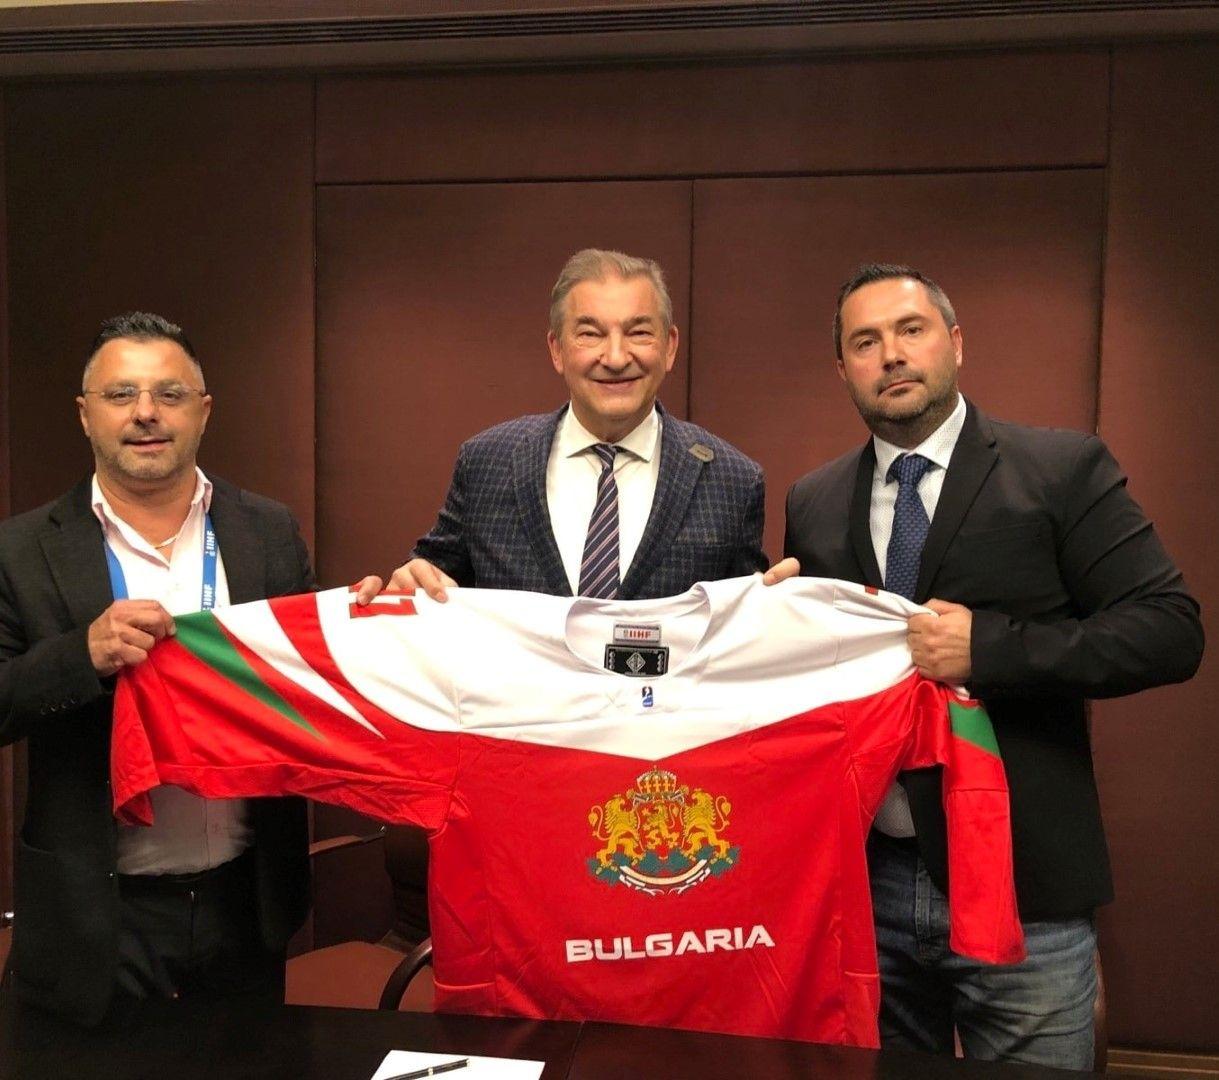 Президентът Миланов и изпълнителният директор Бъчваров подаряват българския екип с името на Владимир Путин на великия Третяк